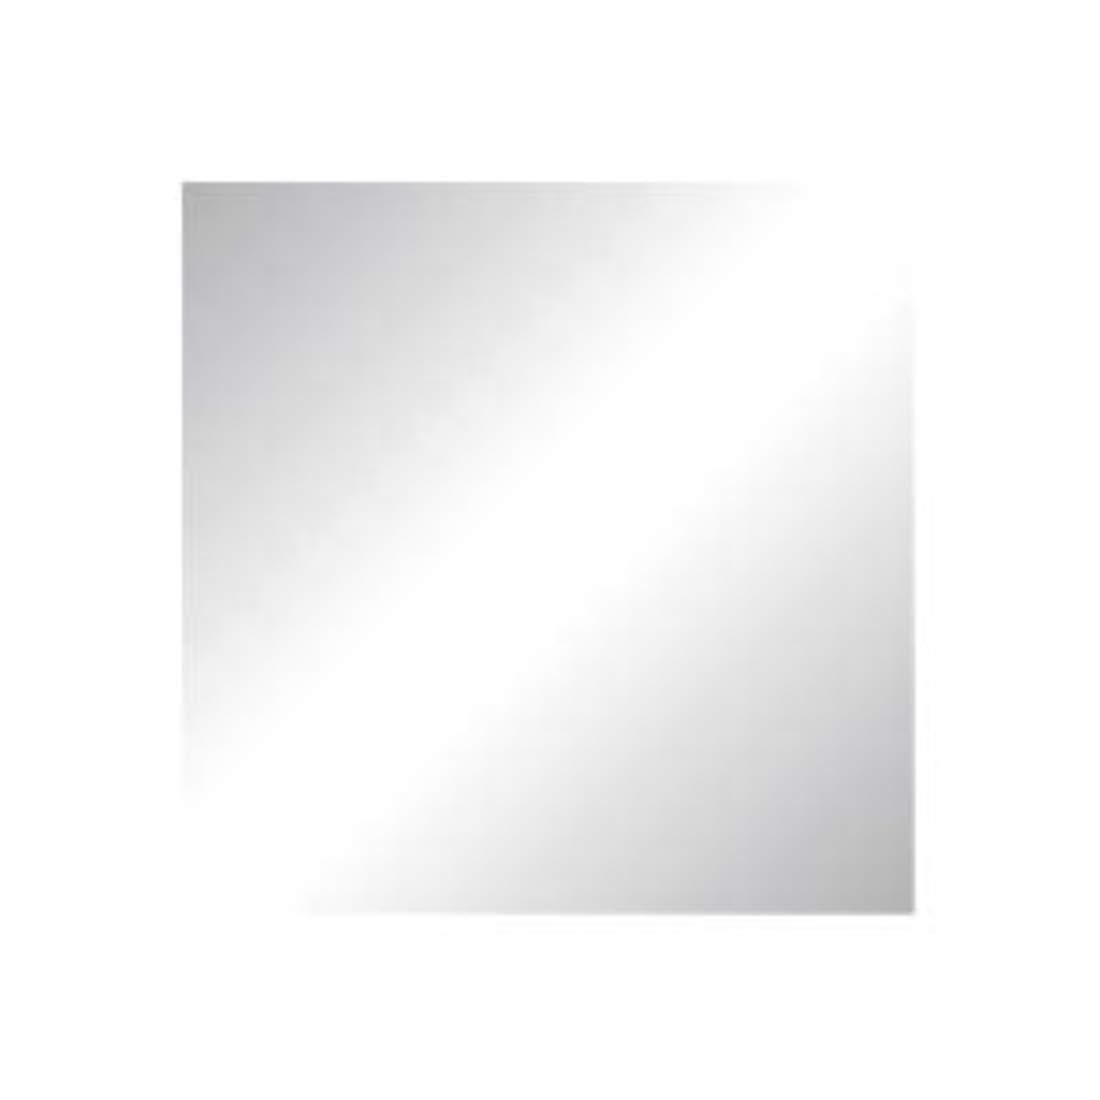 生活日用品 (業務用100セット) 単色おりがみ銀色 100枚 B262J-26 B074JP7SKW